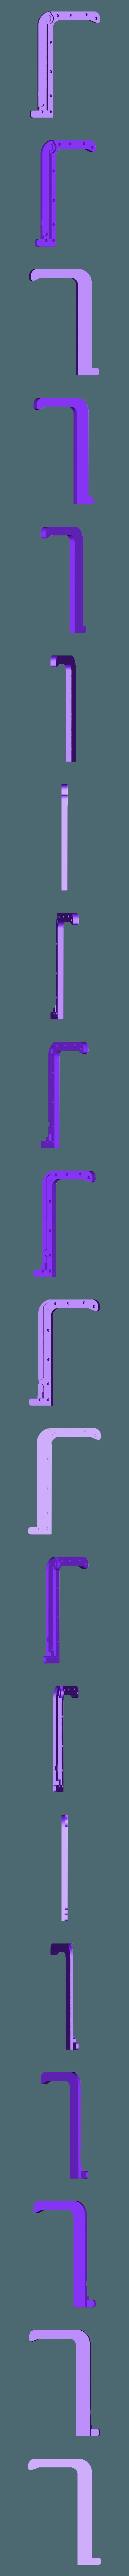 jHook2_a.stl Télécharger fichier STL gratuit Jack hook - ouvre-porte hygiénique et sûr, poussoir de bouton • Plan imprimable en 3D, Opossums